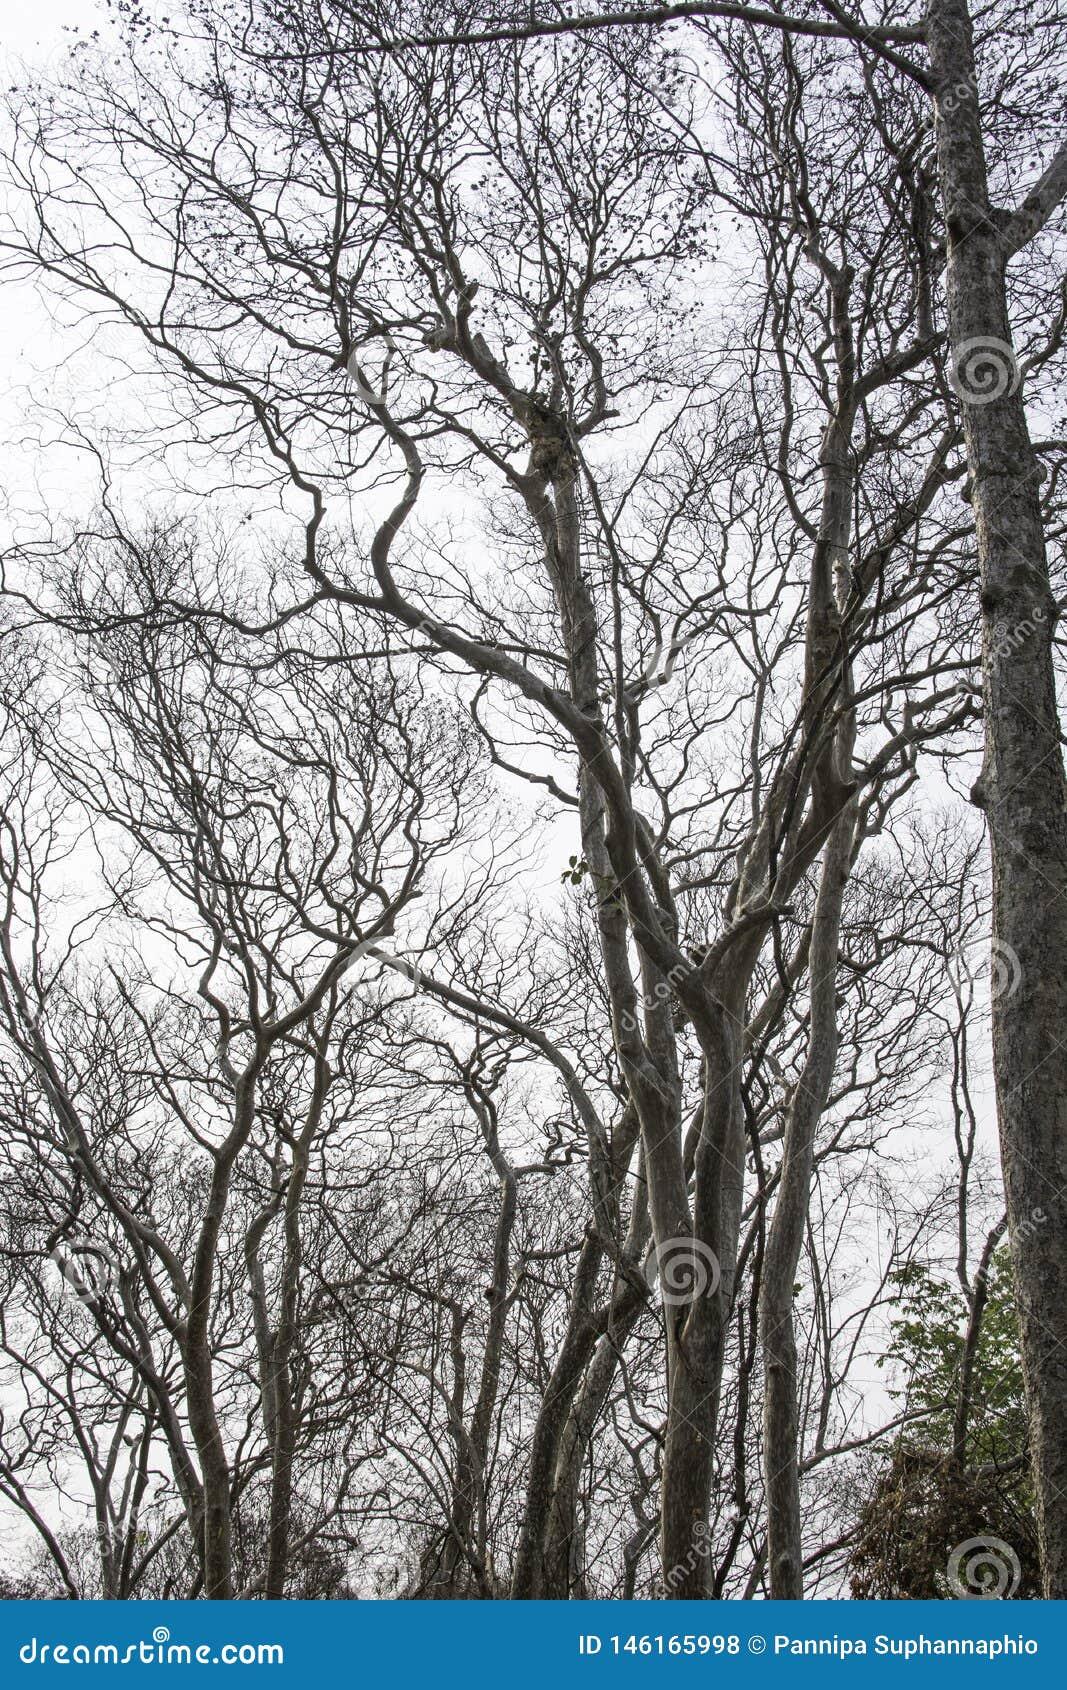 Dode eeuwigdurende bomen met een witte achtergrond